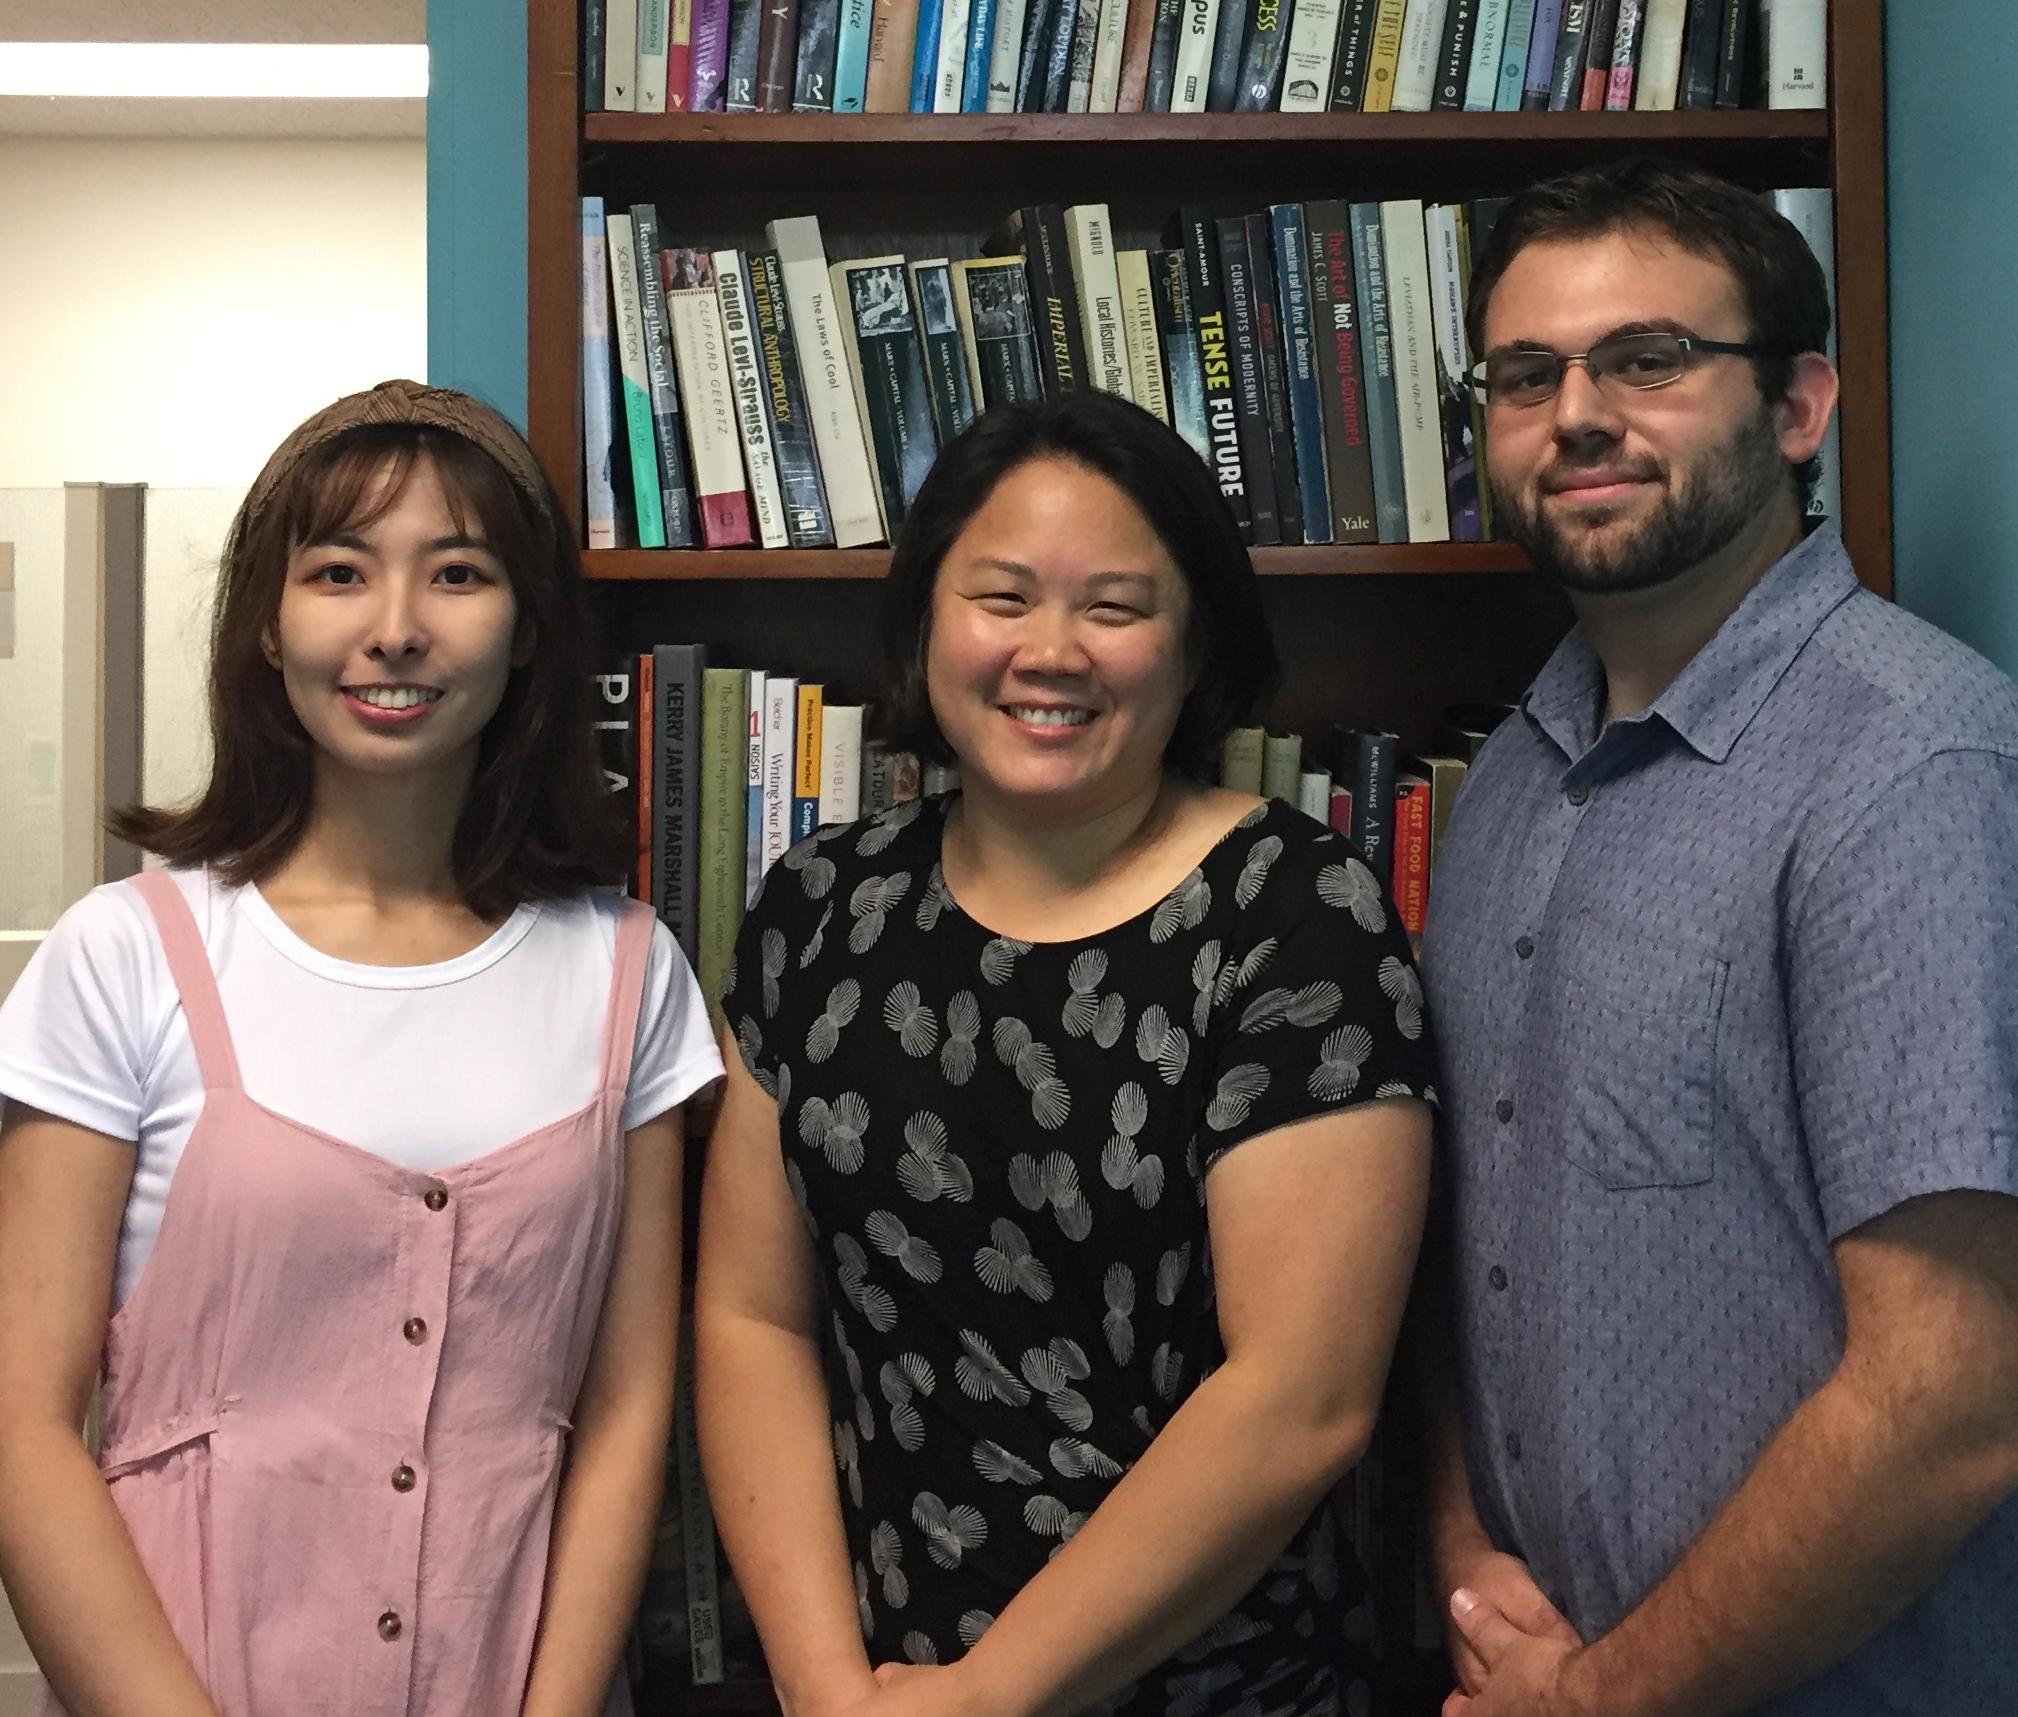 Lina Jiang, Julie Kim, and Stephen Fragano